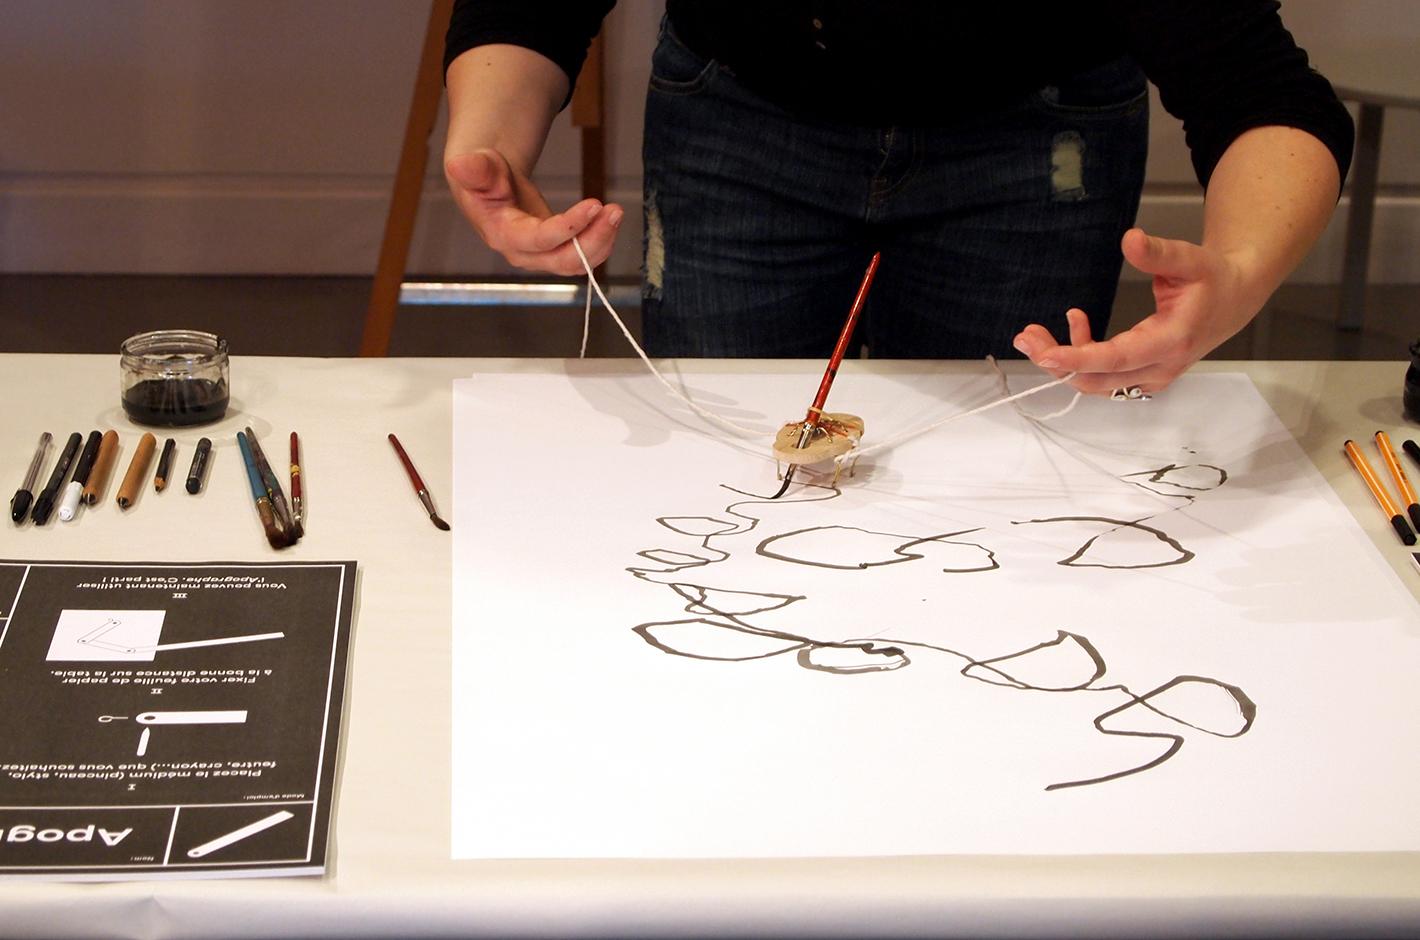 dessins variables — atelier participatif — Musée d'art moderne et contemporain de Strasbourg